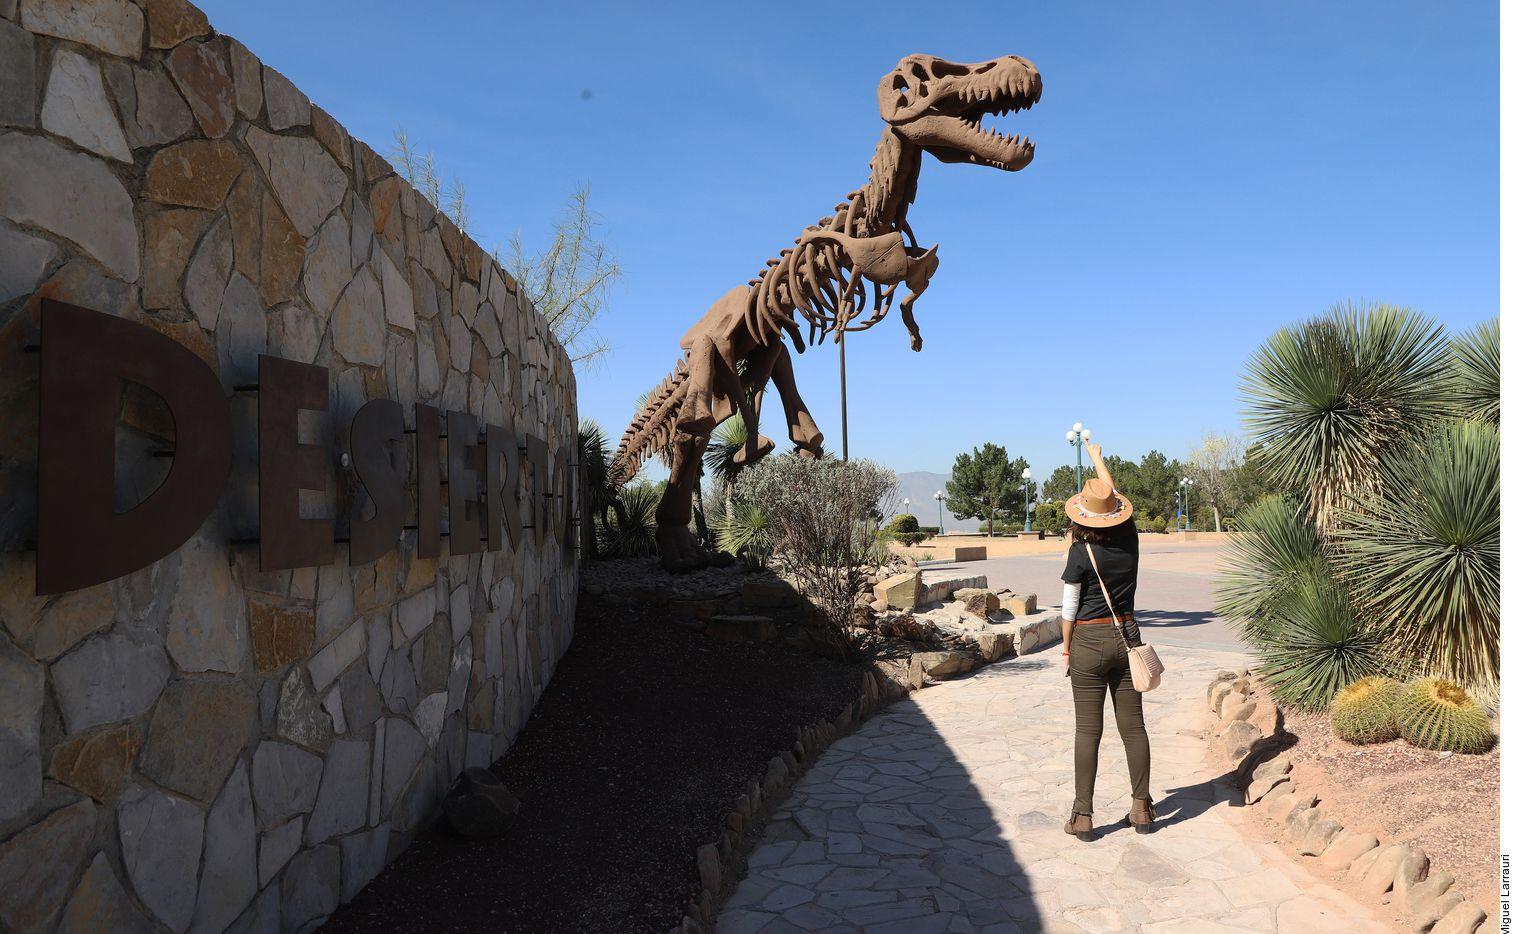 Quienes deseen testificar los hallazgos paleontológicos de Coahuila, deben incluir en su itinerario una visita a la zona paleontológica de Rincón Colorado, ubicada en el Municipio de General Cepeda.